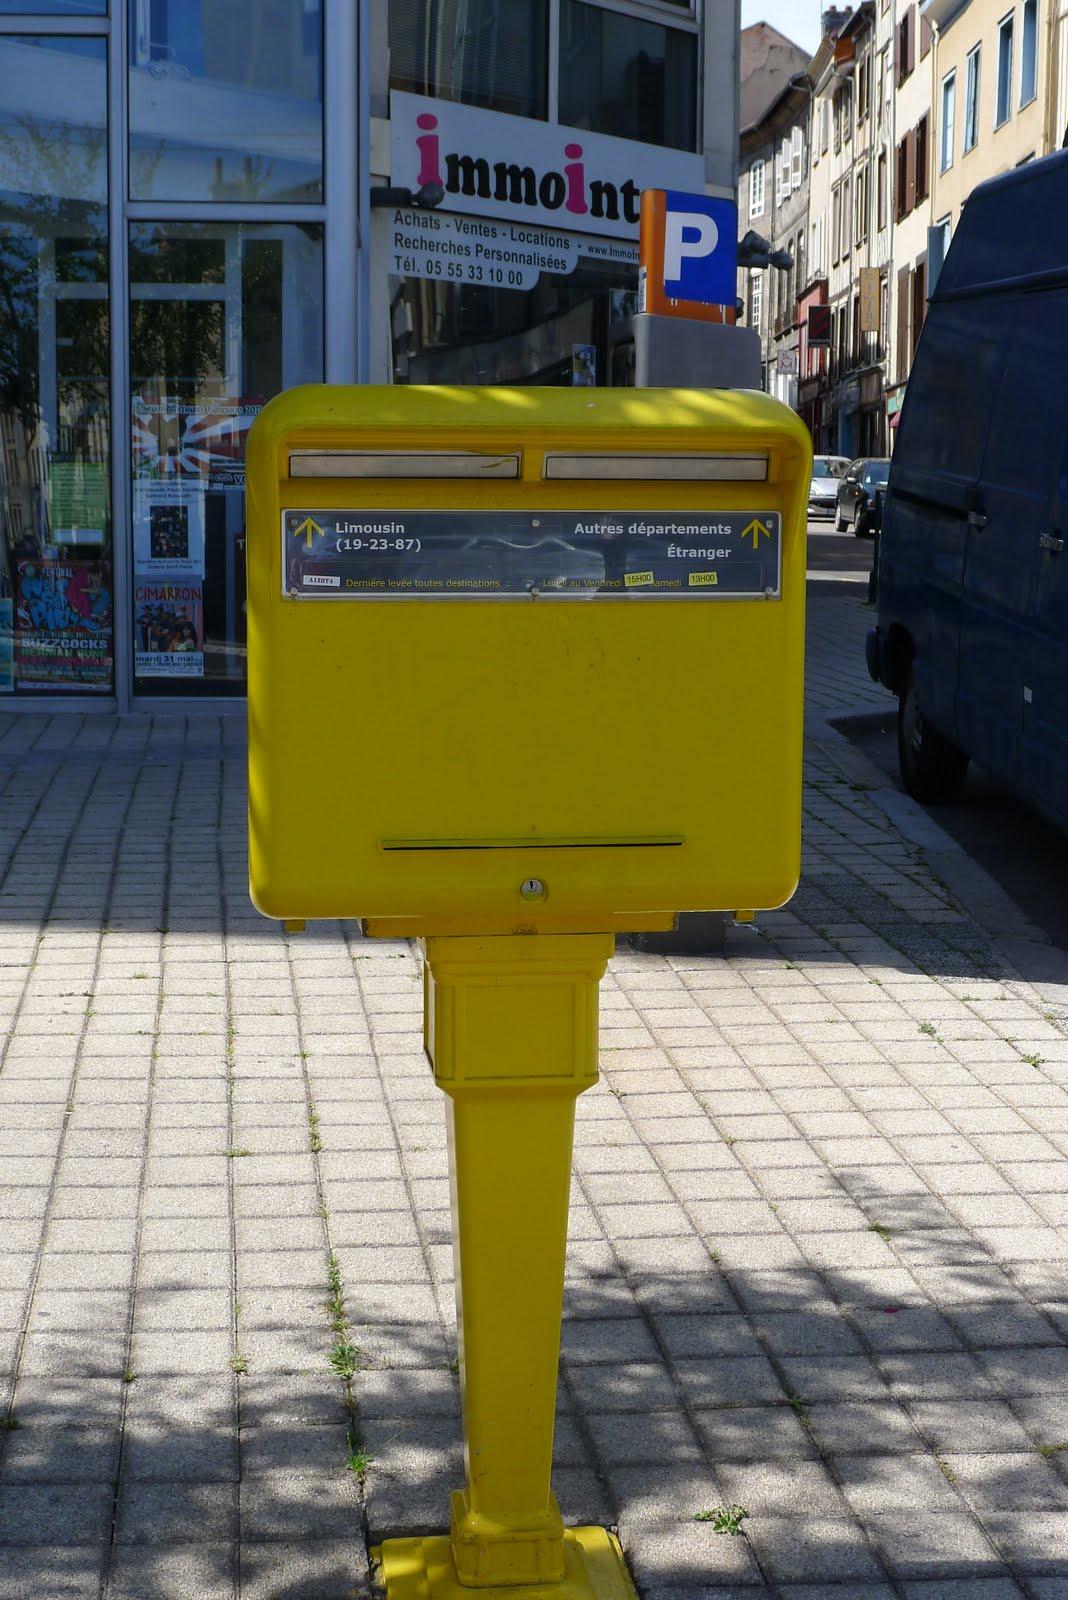 Pr sentation de quelques timbres et lettres bo te aux lettres en france suite - Boites aux lettres la poste ...